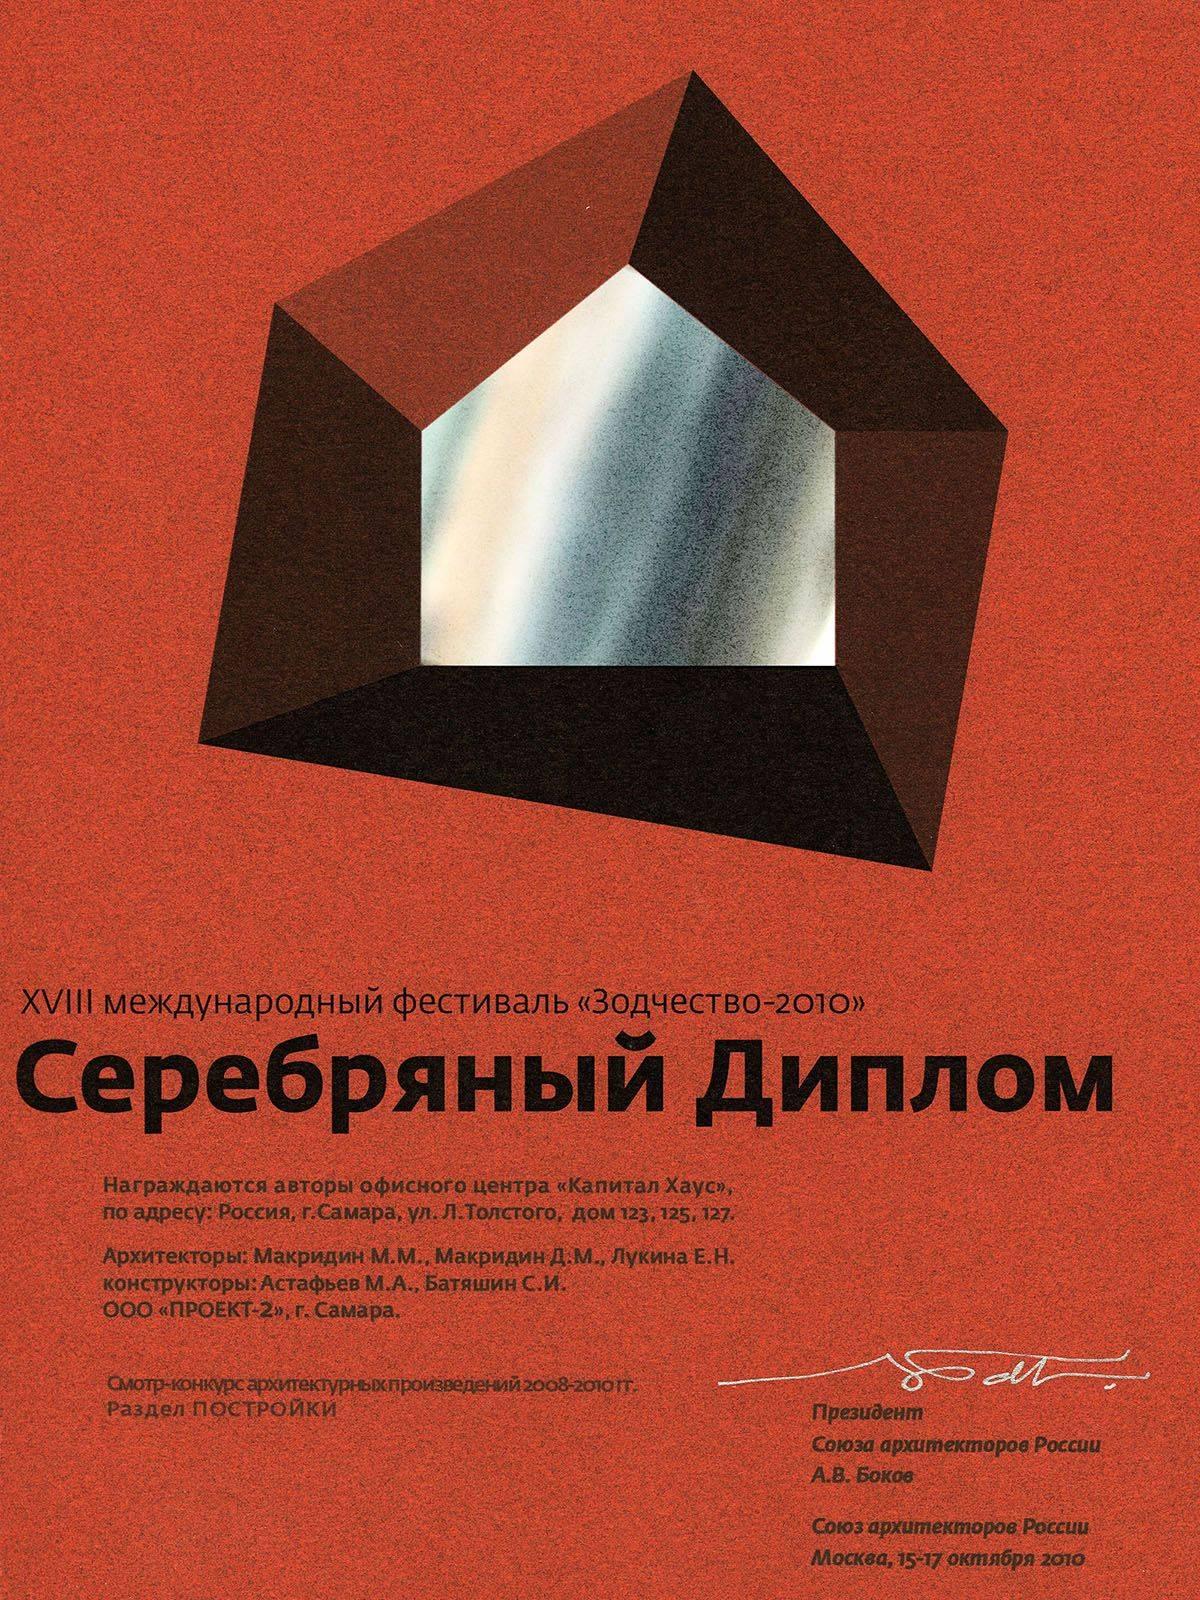 XVIII Международный фестиваль «Зодчество 2010»